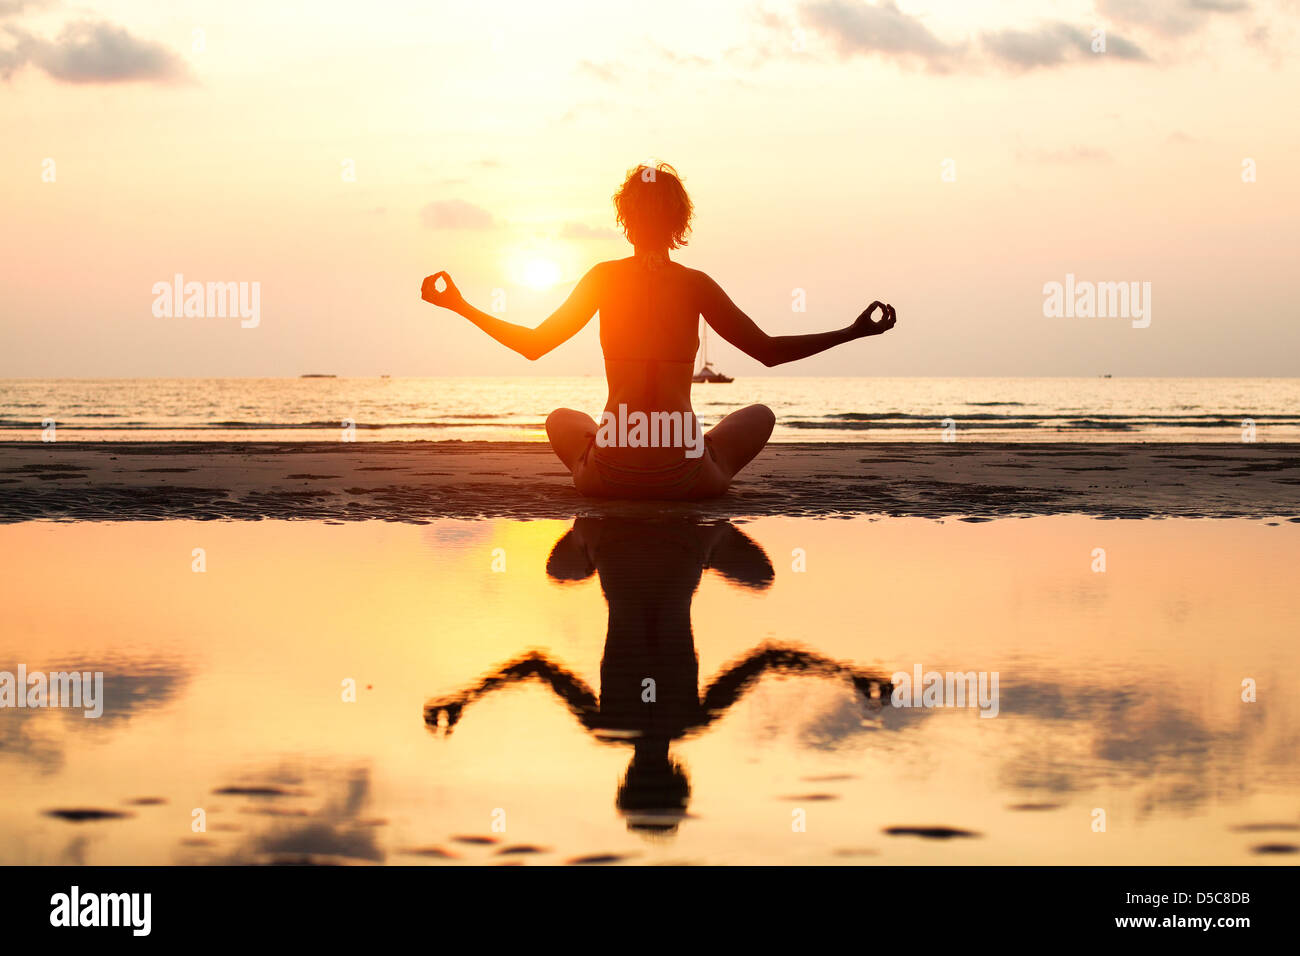 Yoga donna seduta in lotus pongono sulla spiaggia durante il tramonto, con riflessione in acqua, in colori luminosi. Immagini Stock